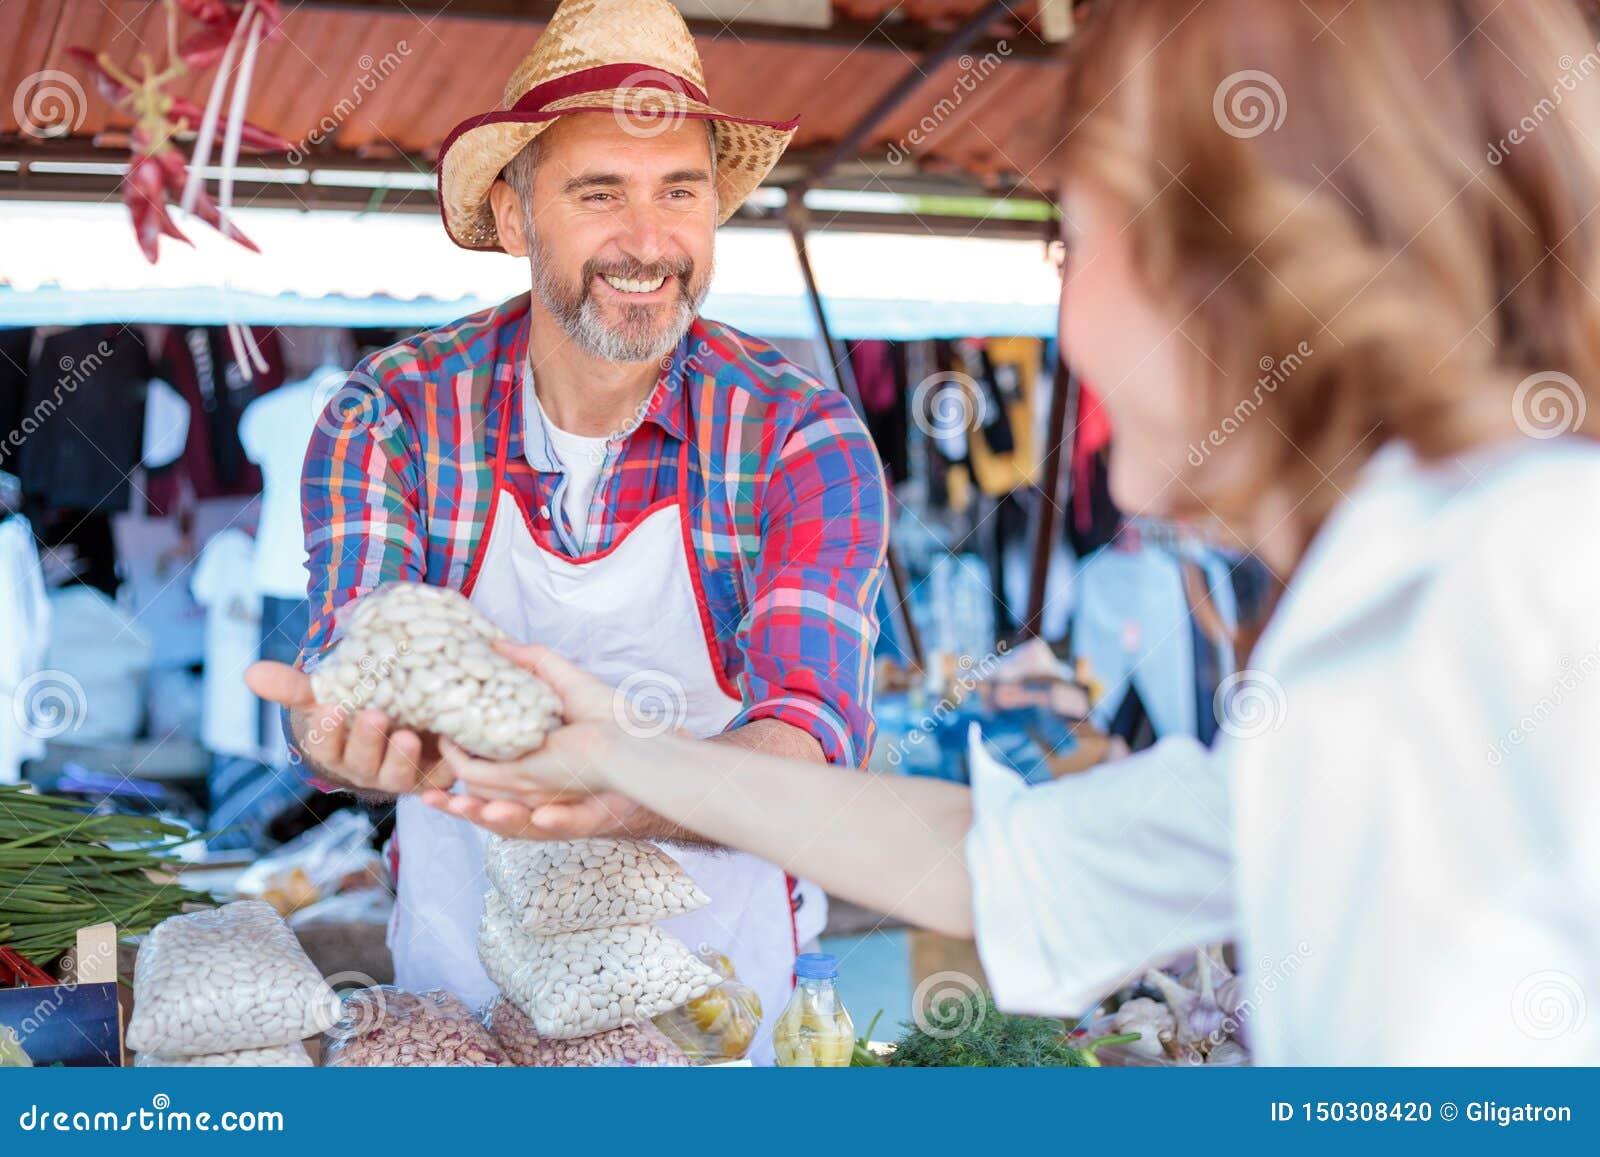 Glückliche ältere Landwirtstellung hinter dem Marktstall, organisches Gemüse verkaufend